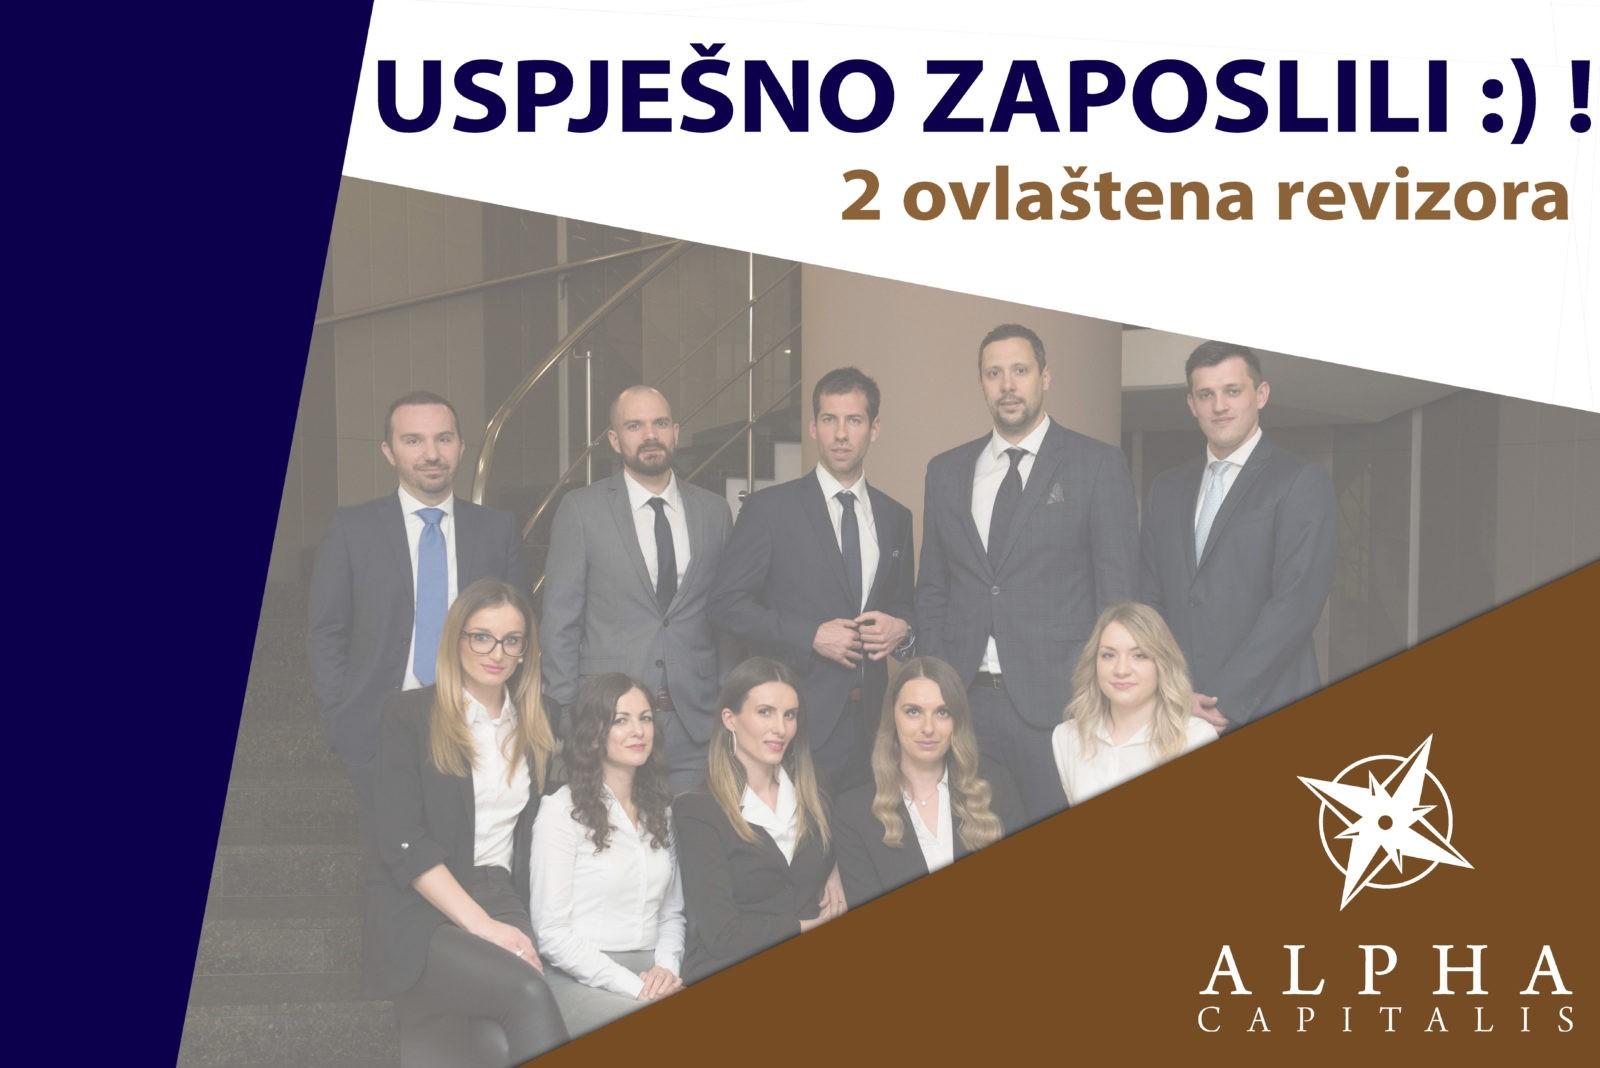 Zaposlili nove clanove tima ALPHA CAPITALIS 2019 10 15 - ALPHA CAPITALIS tim ima nove članove: Menadžeri za reviziju